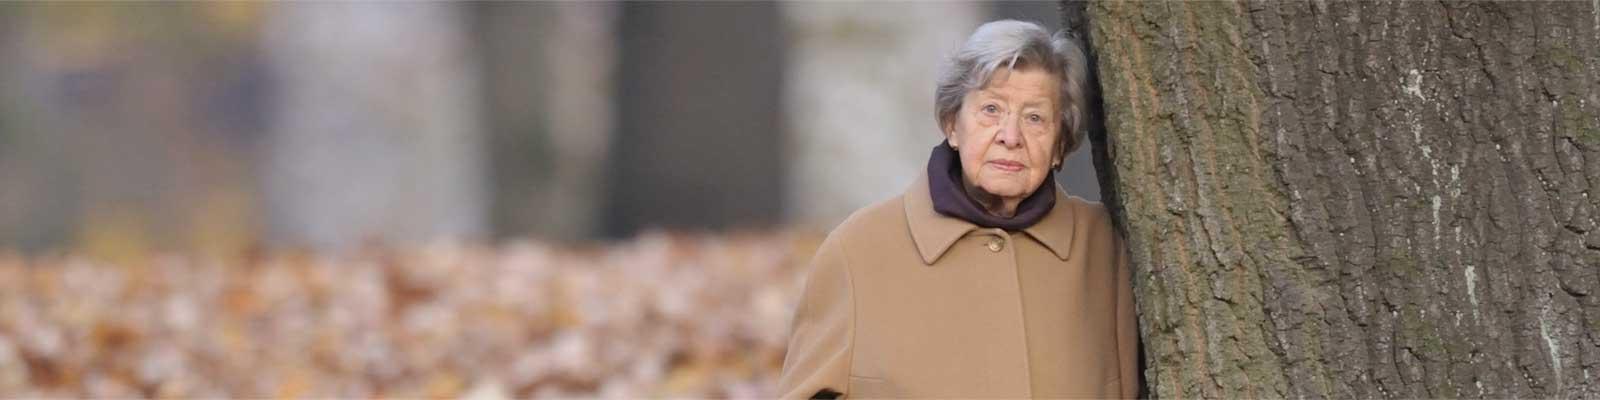 Psychotherapie für älteren Menschen